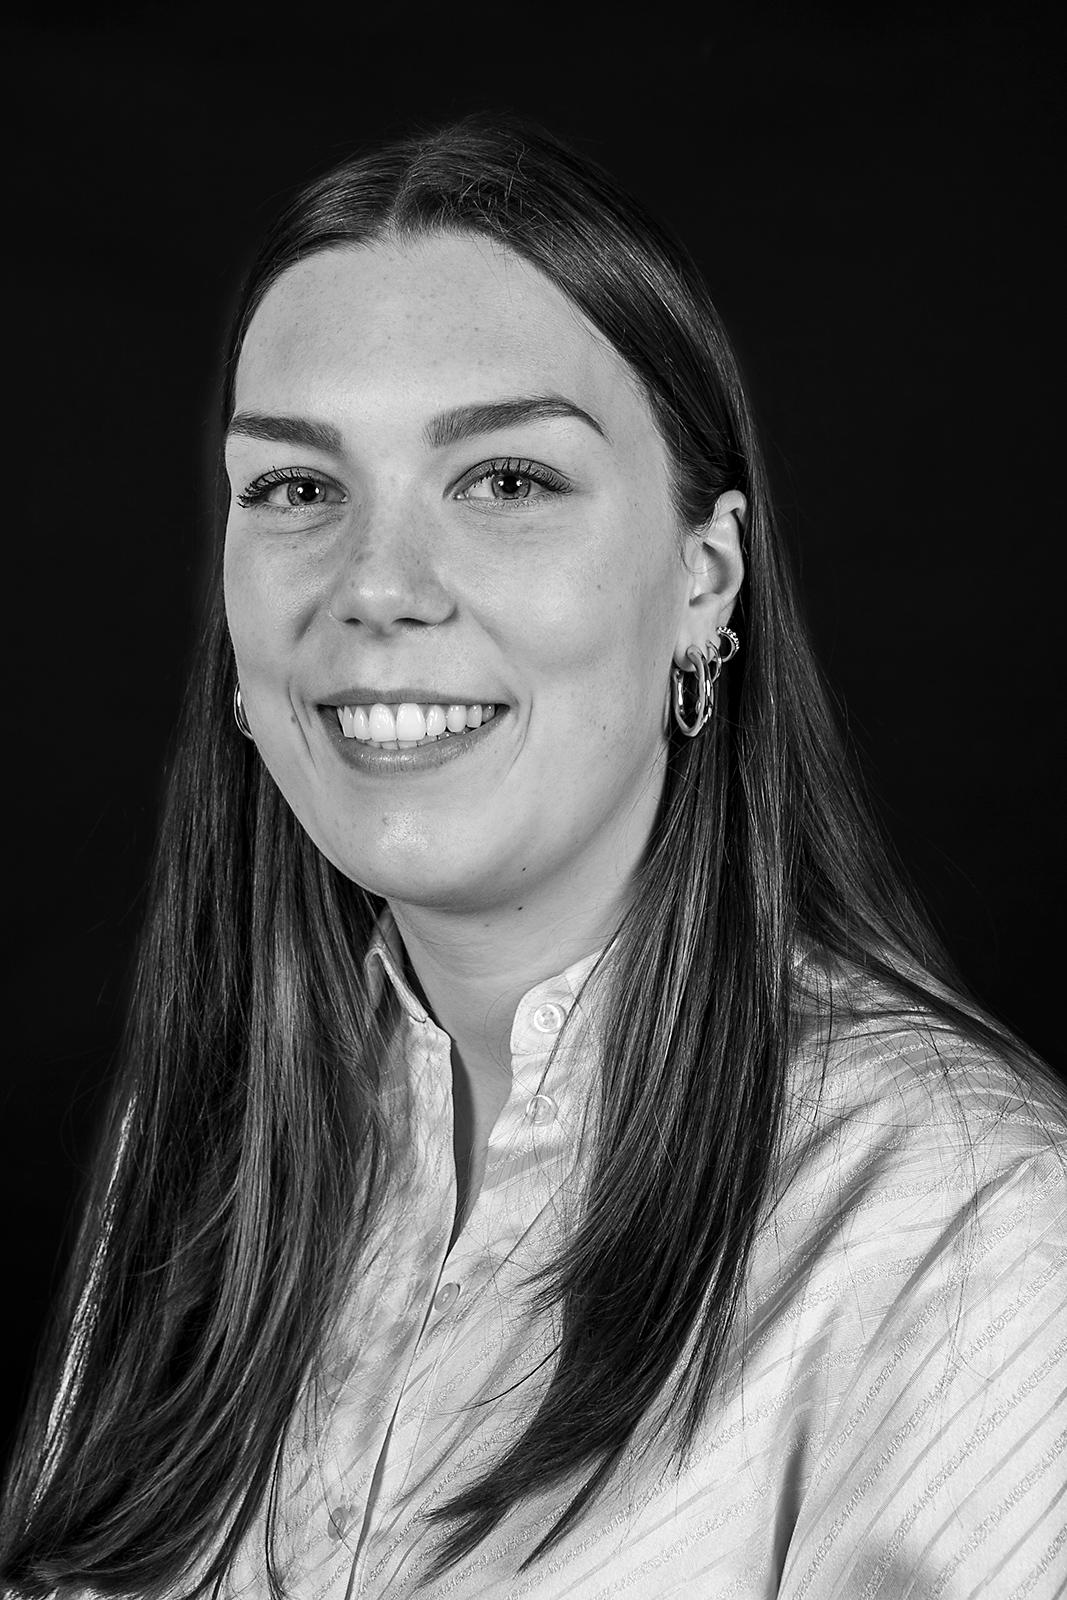 Nette Janssens